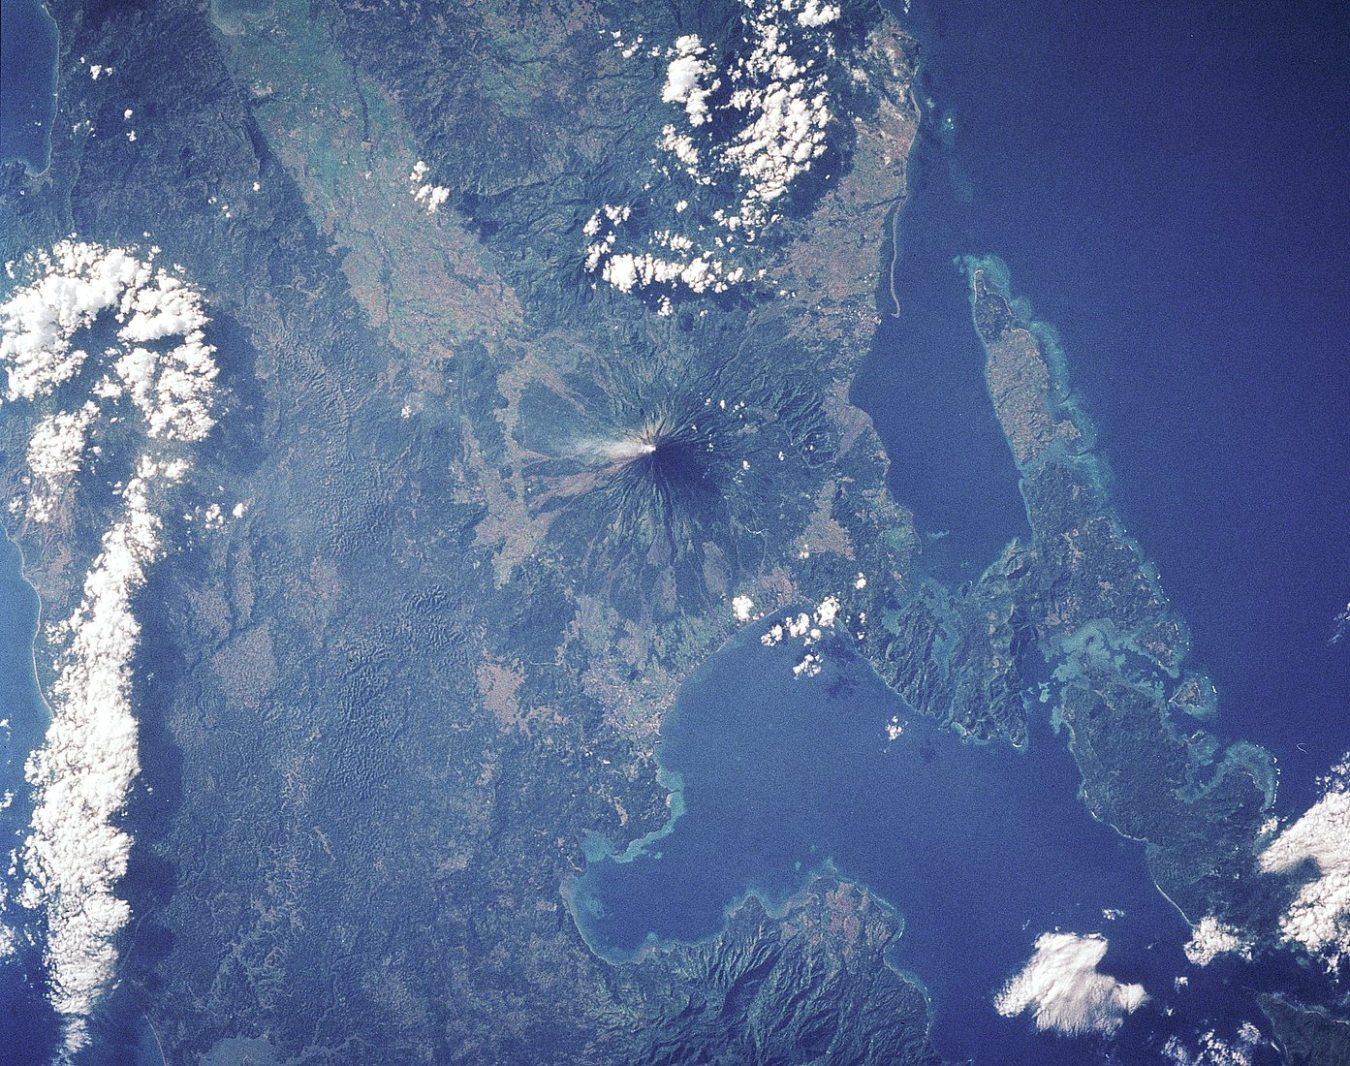 Volcán Mayon: El Volcán Con El Cono Perfecto